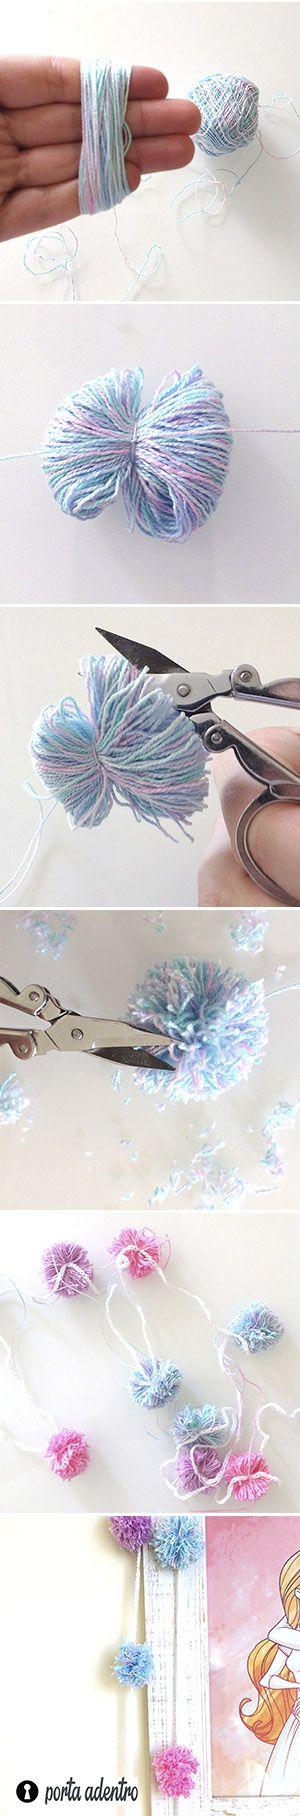 Como fazer varal com pompom Varais decorativos são muito fáceis de fazer e  ficam lindinhos pra usar no quarto ou no escritório 4d0a6f27268